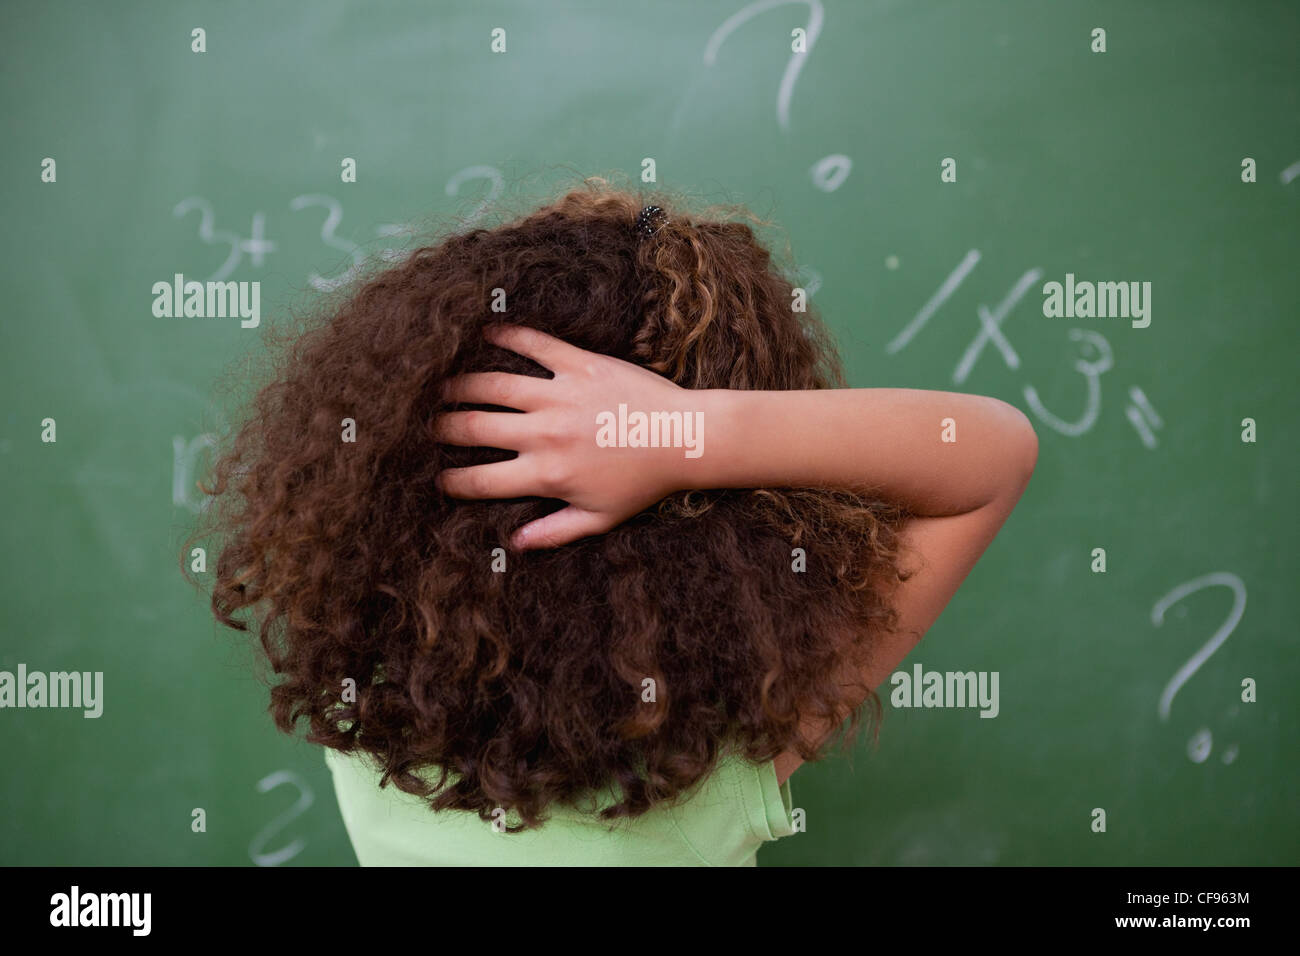 Lycéenne de penser à tout en algèbre de rayer l'arrière de sa tête Photo Stock